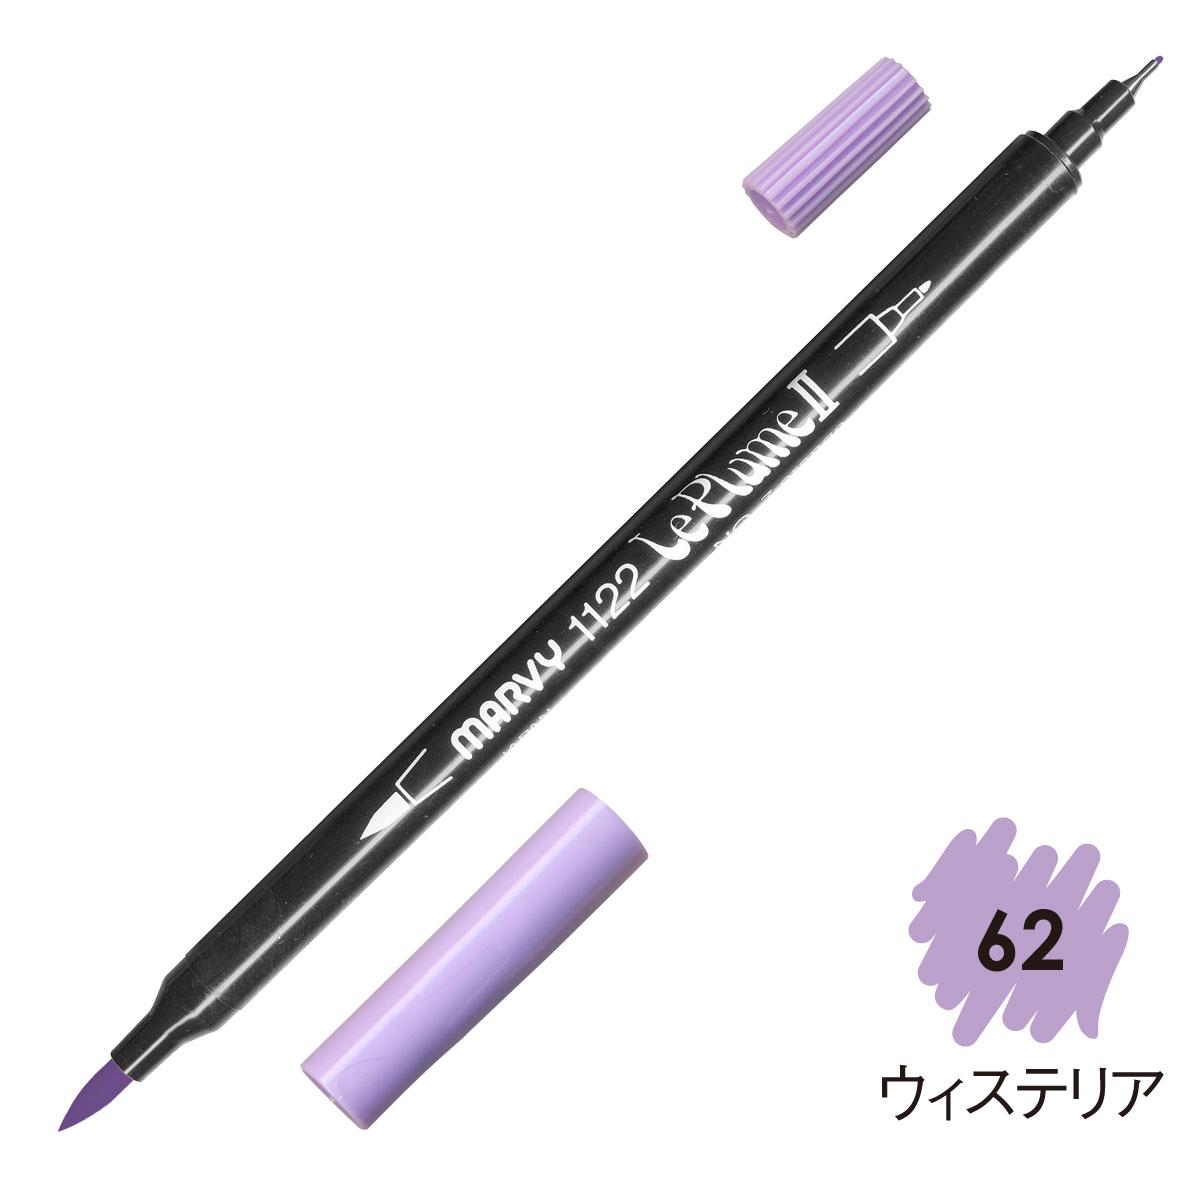 ルプルームII 単品 ウィステリア(62)画像